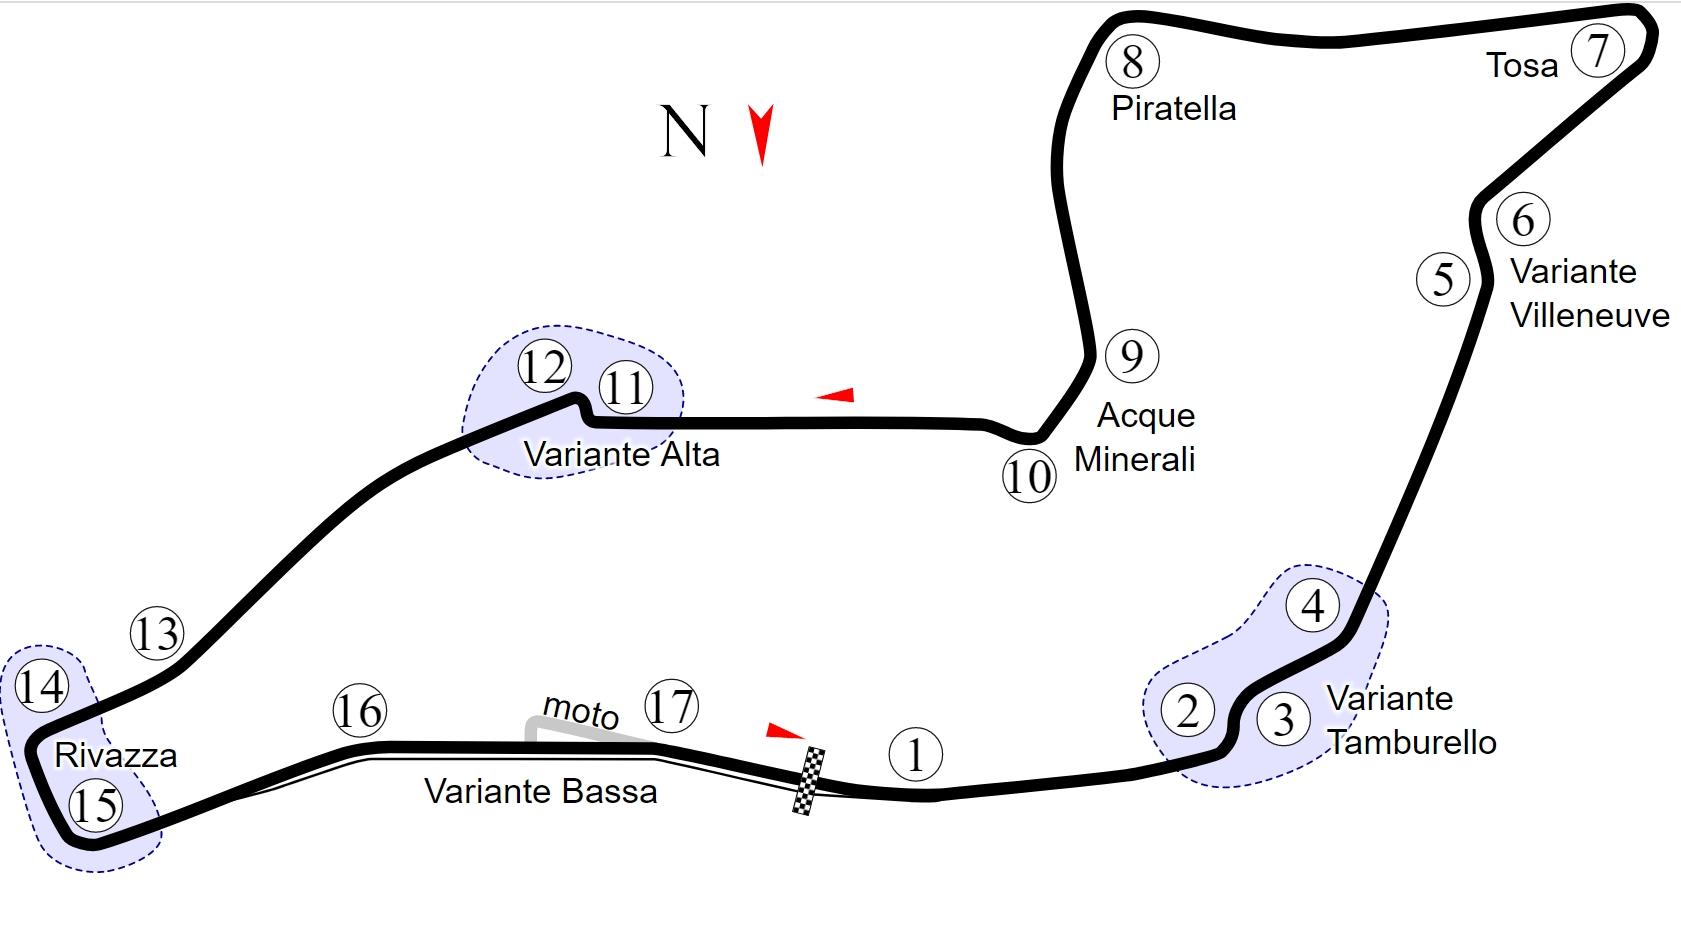 mapa toru imola